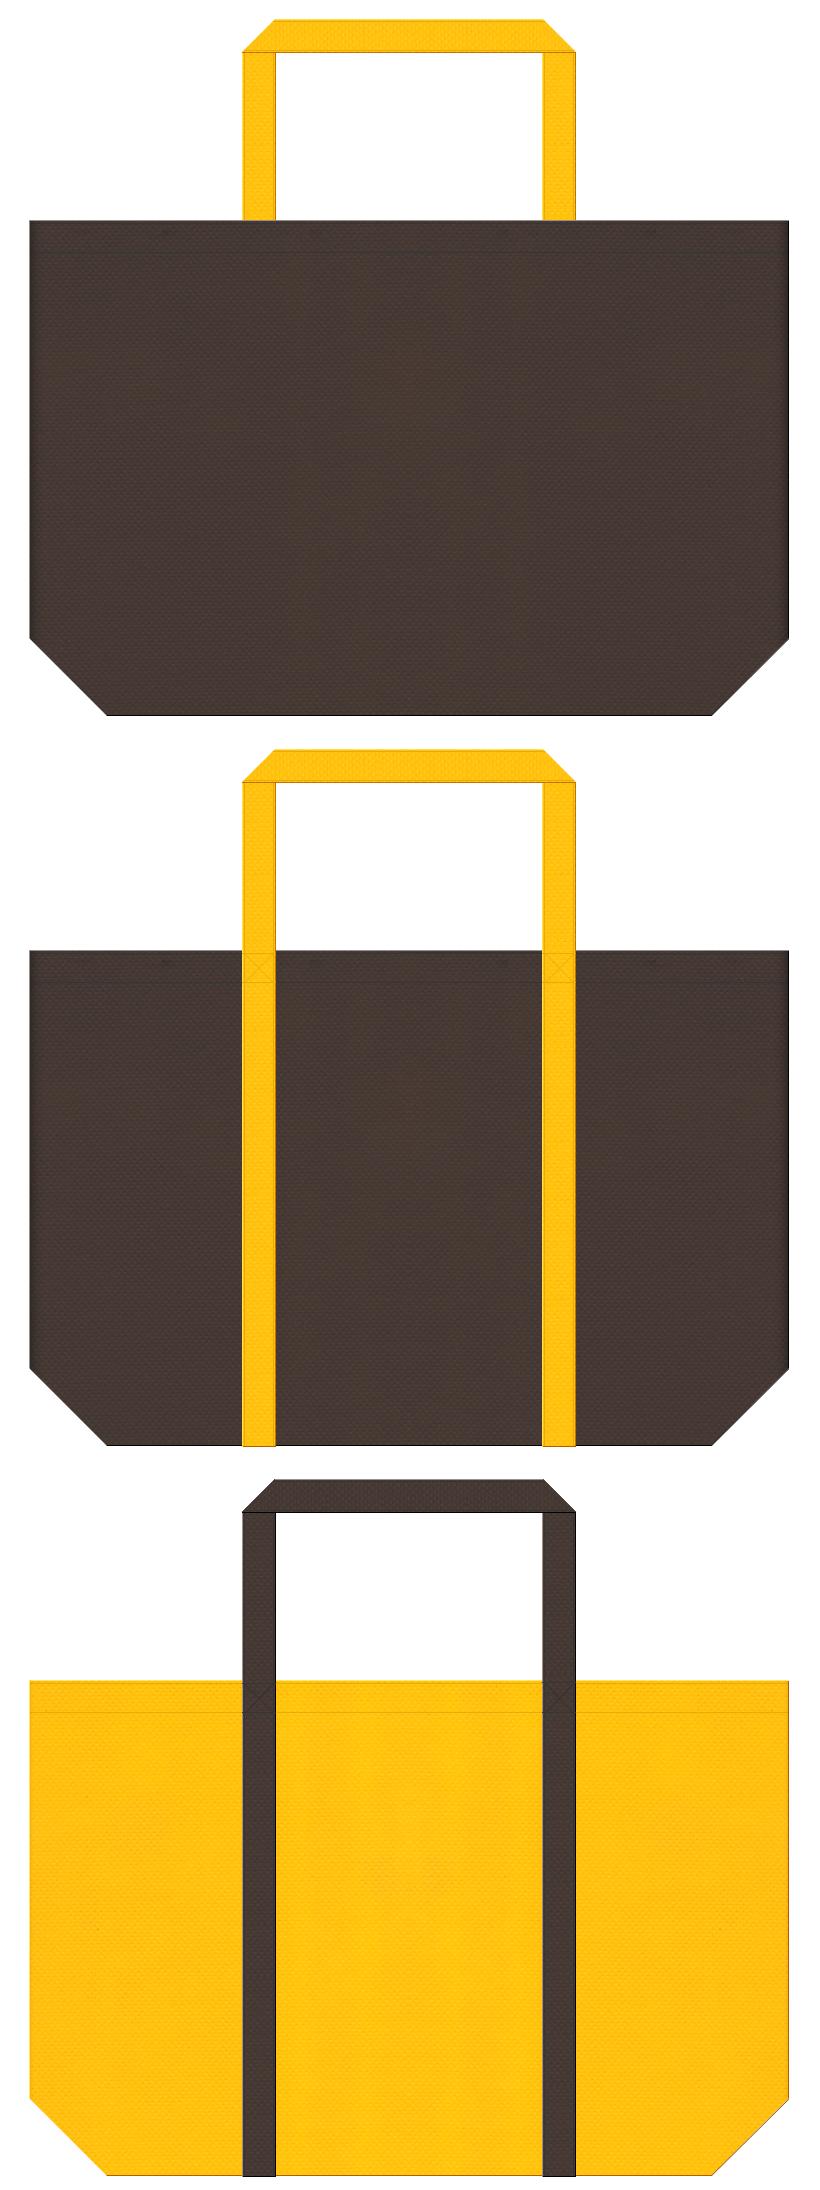 養蜂場・はちみつ・カステラ・栗饅頭・和菓子・マロンケーキ・ひまわり・食用油・バター・マスタード・テーマパーク・エンジンオイル・安全用品・登山・ランタン・バーベキュー・キャンプ・アウトドア用品のショッピングバッグにお奨めの不織布バッグデザイン:こげ茶色と黄色のコーデ